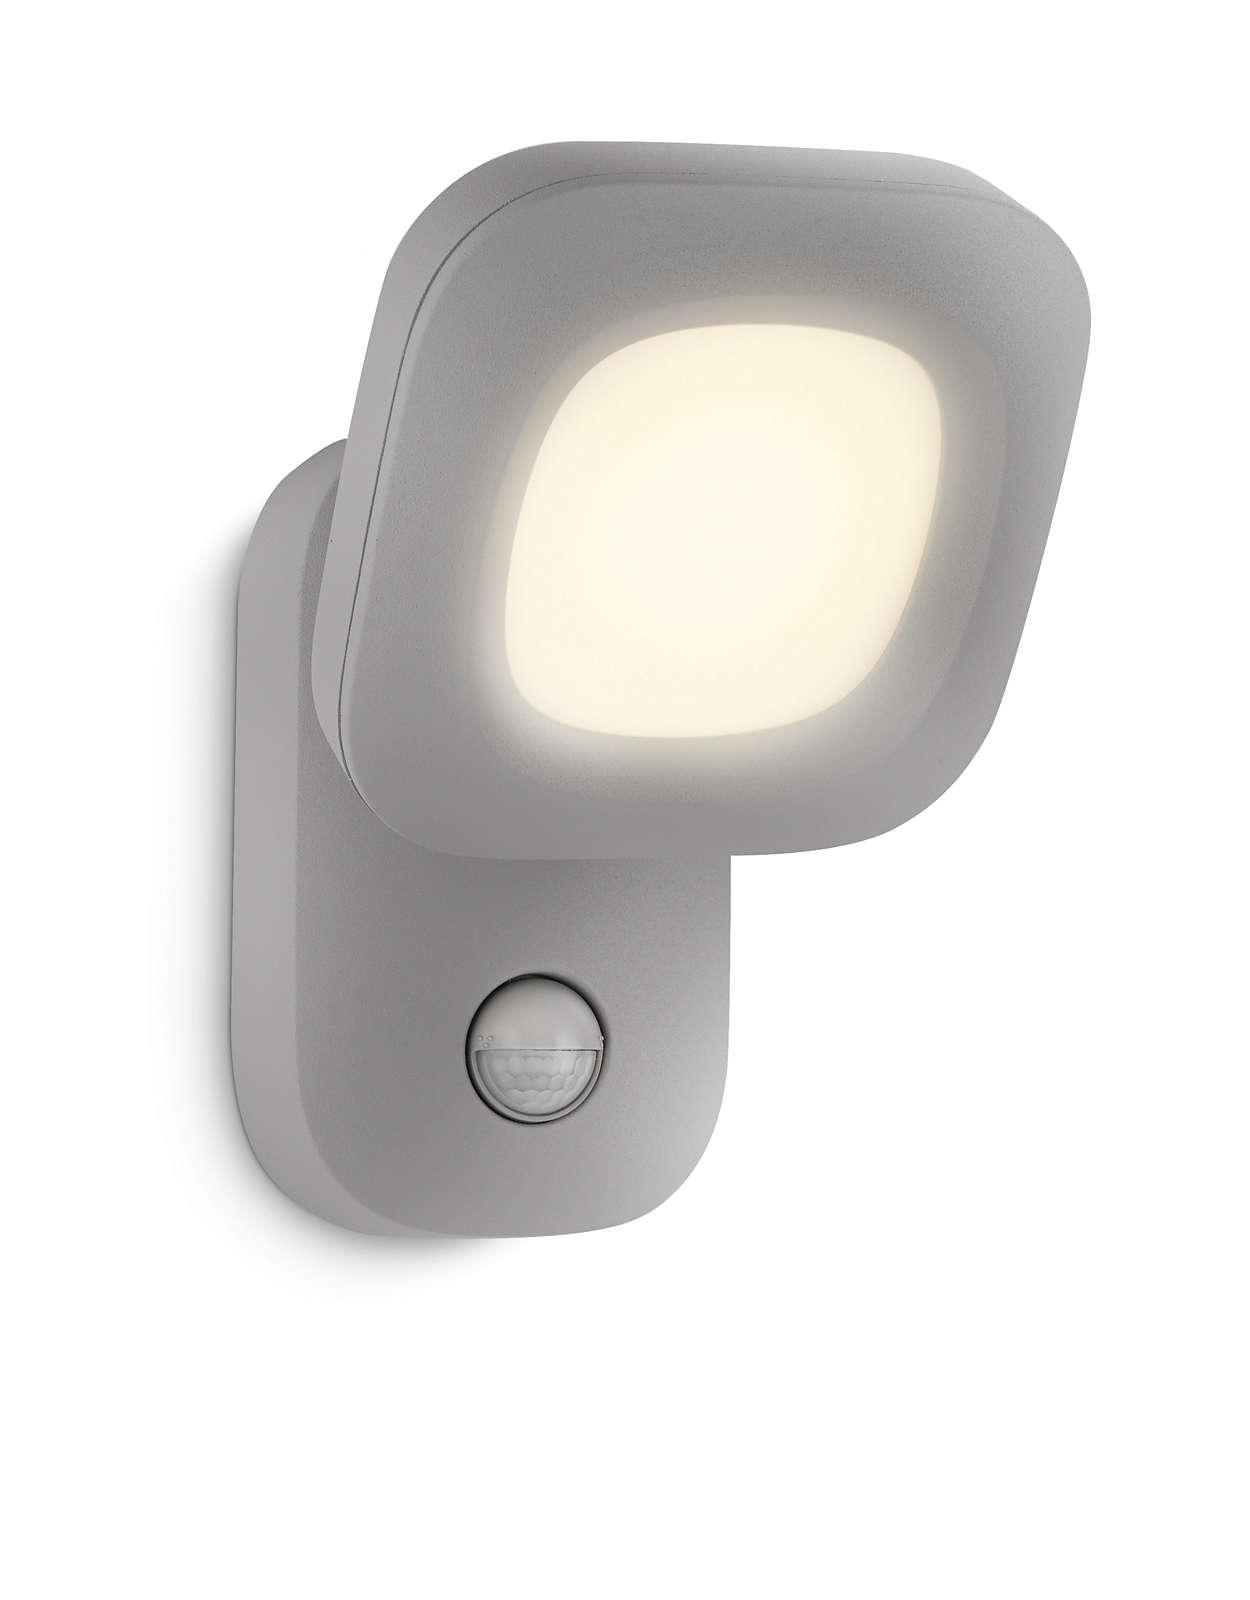 Neka vas dočeka svjetlo kada se vratite doma